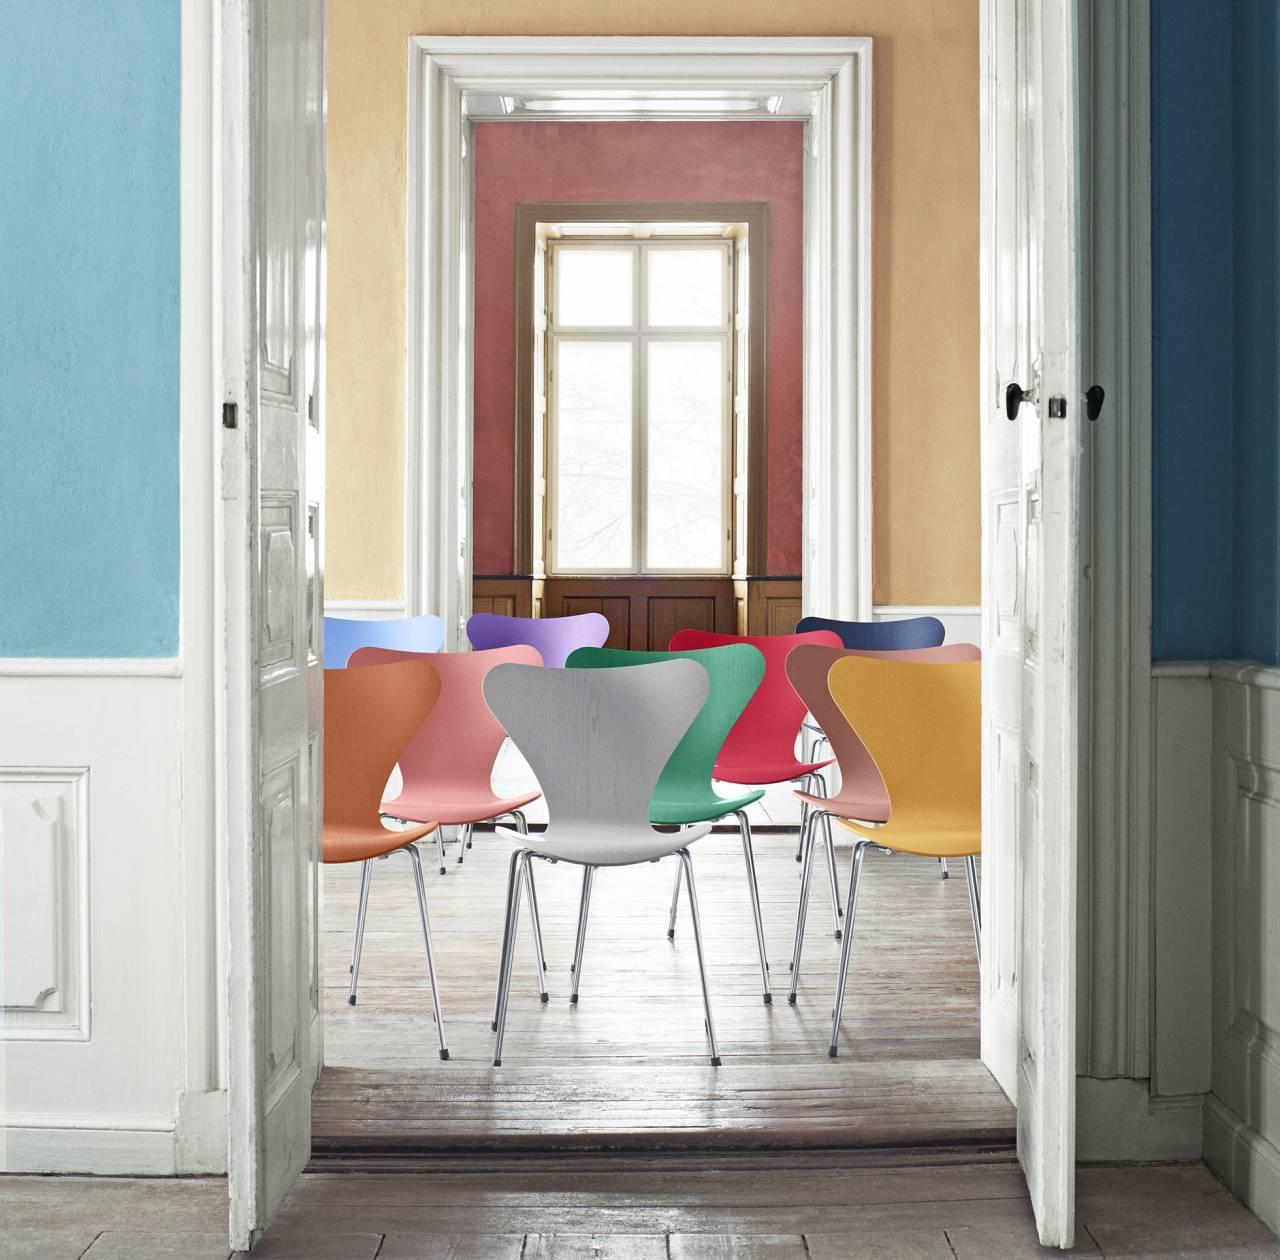 Arne Jacobsens Sjuan